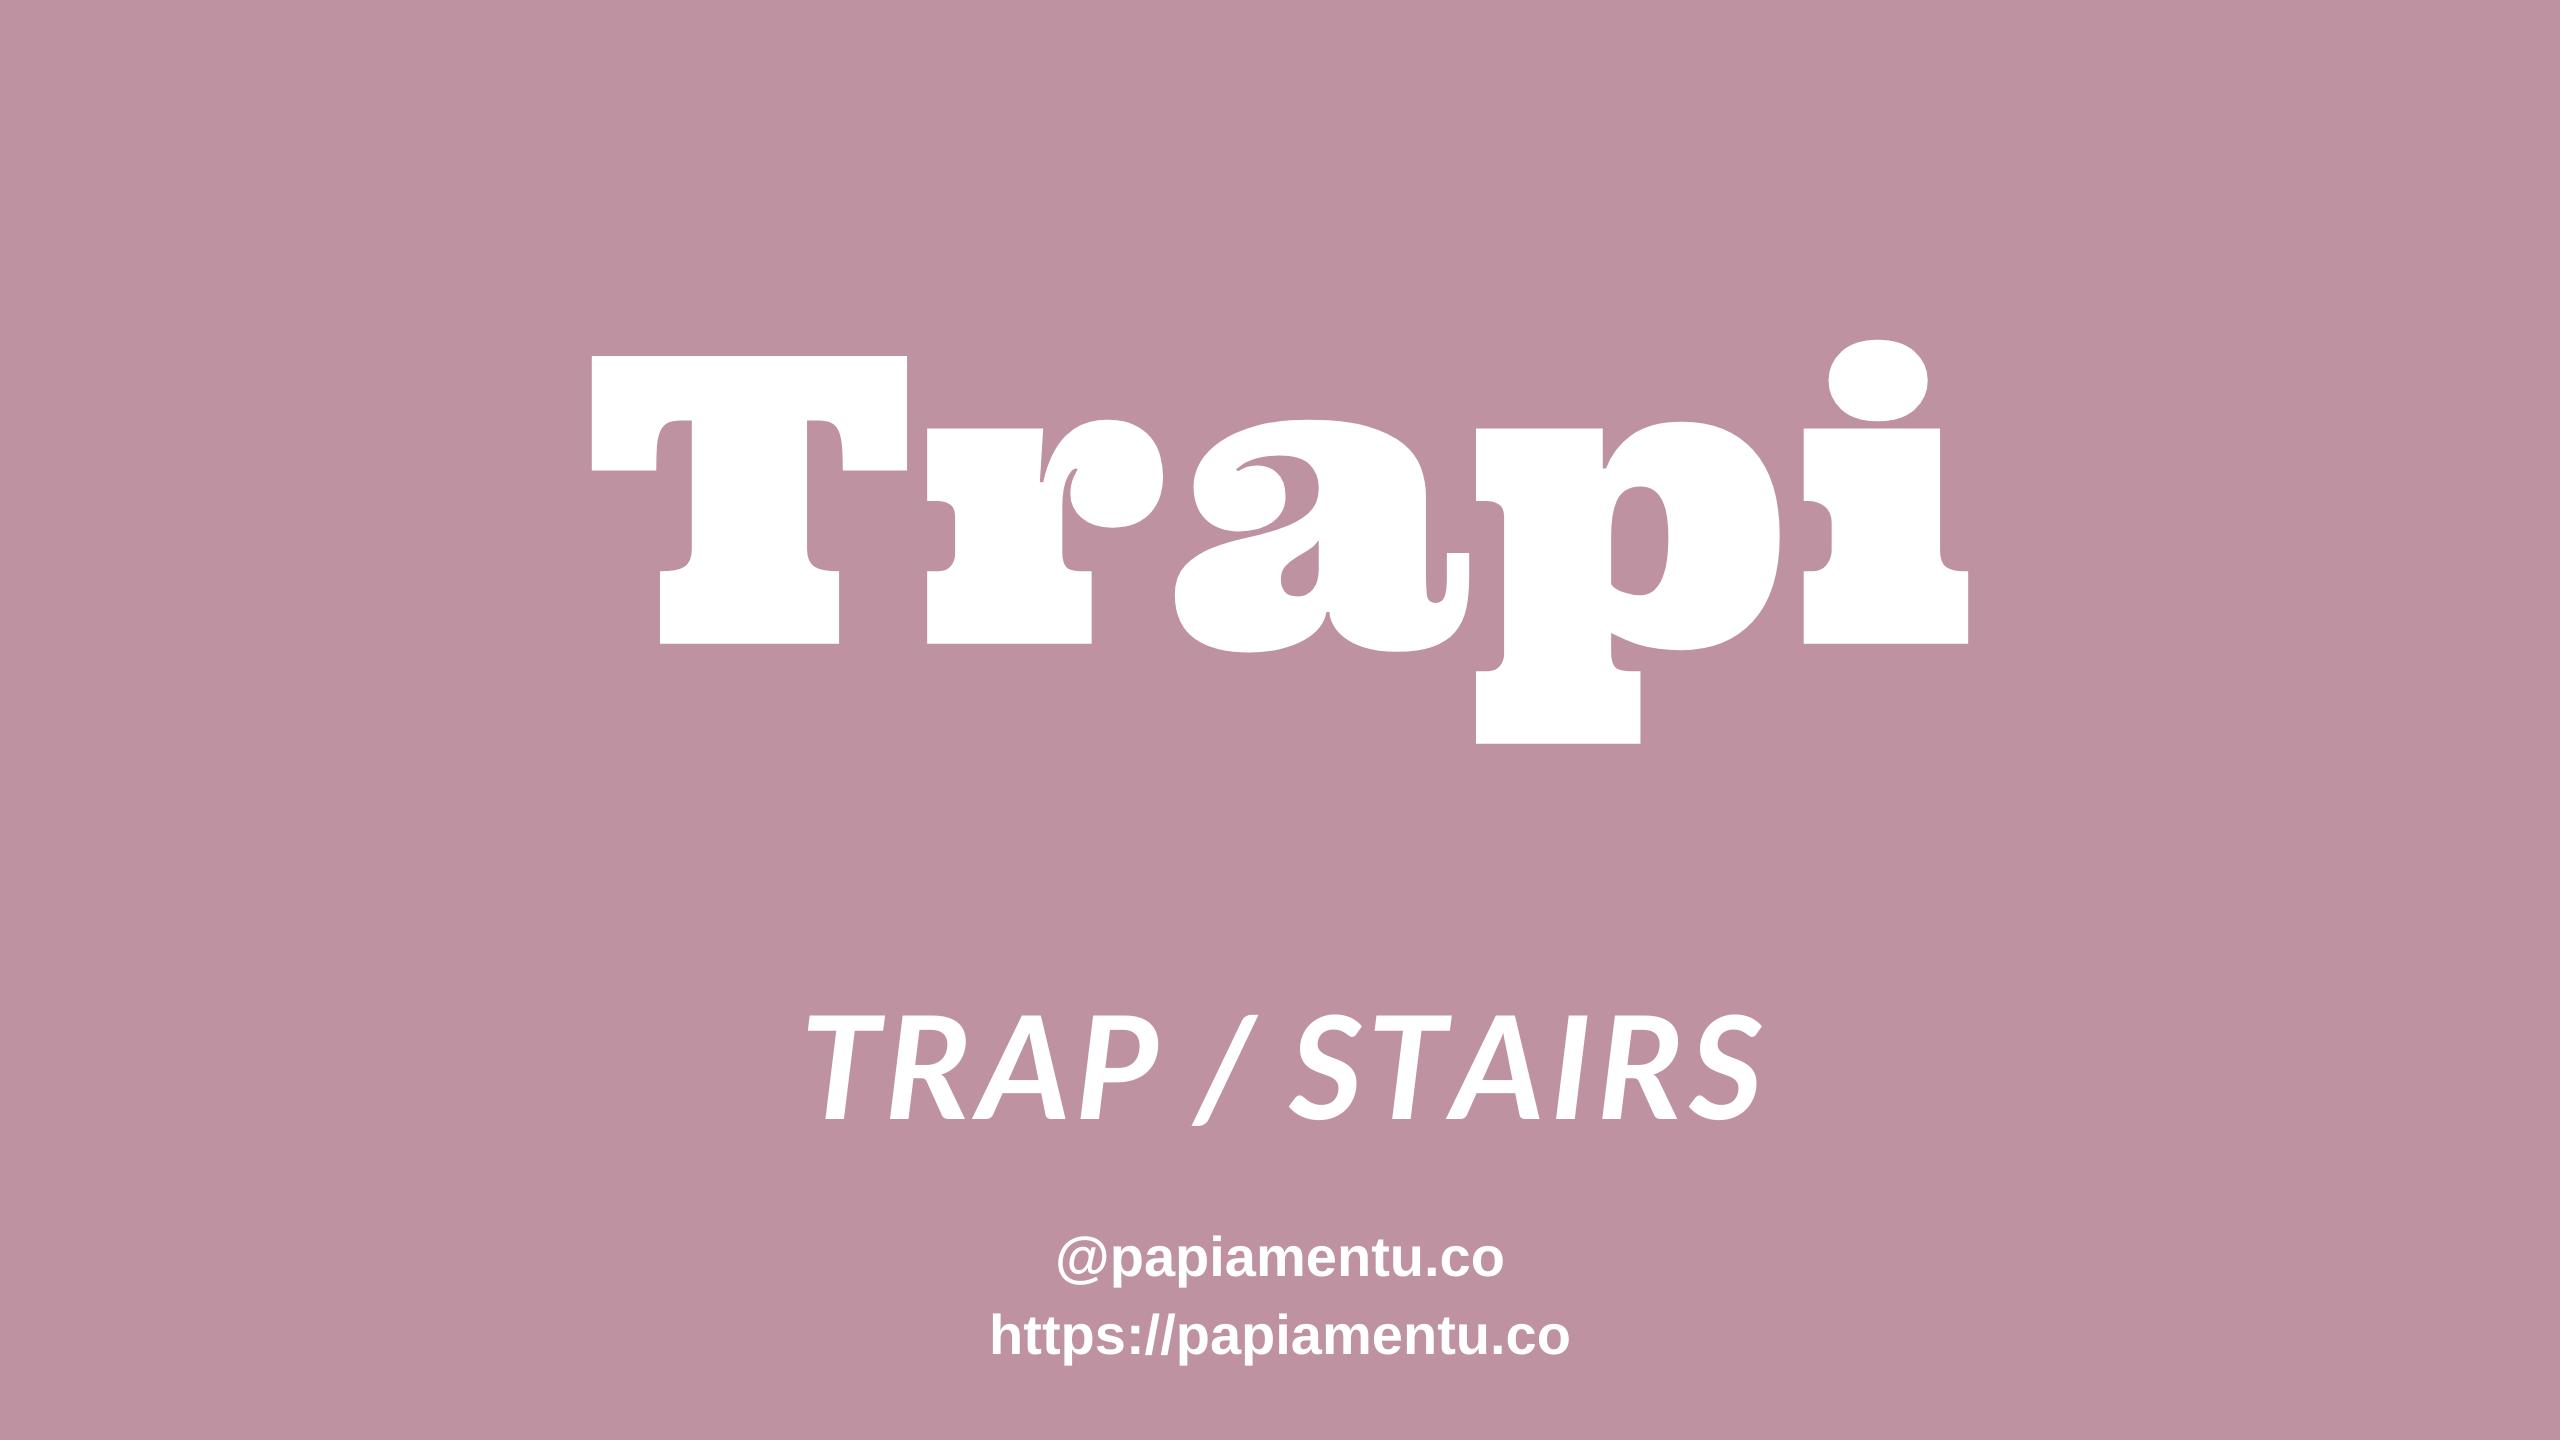 Zo Zeg je trap in het papiaments - Trapi